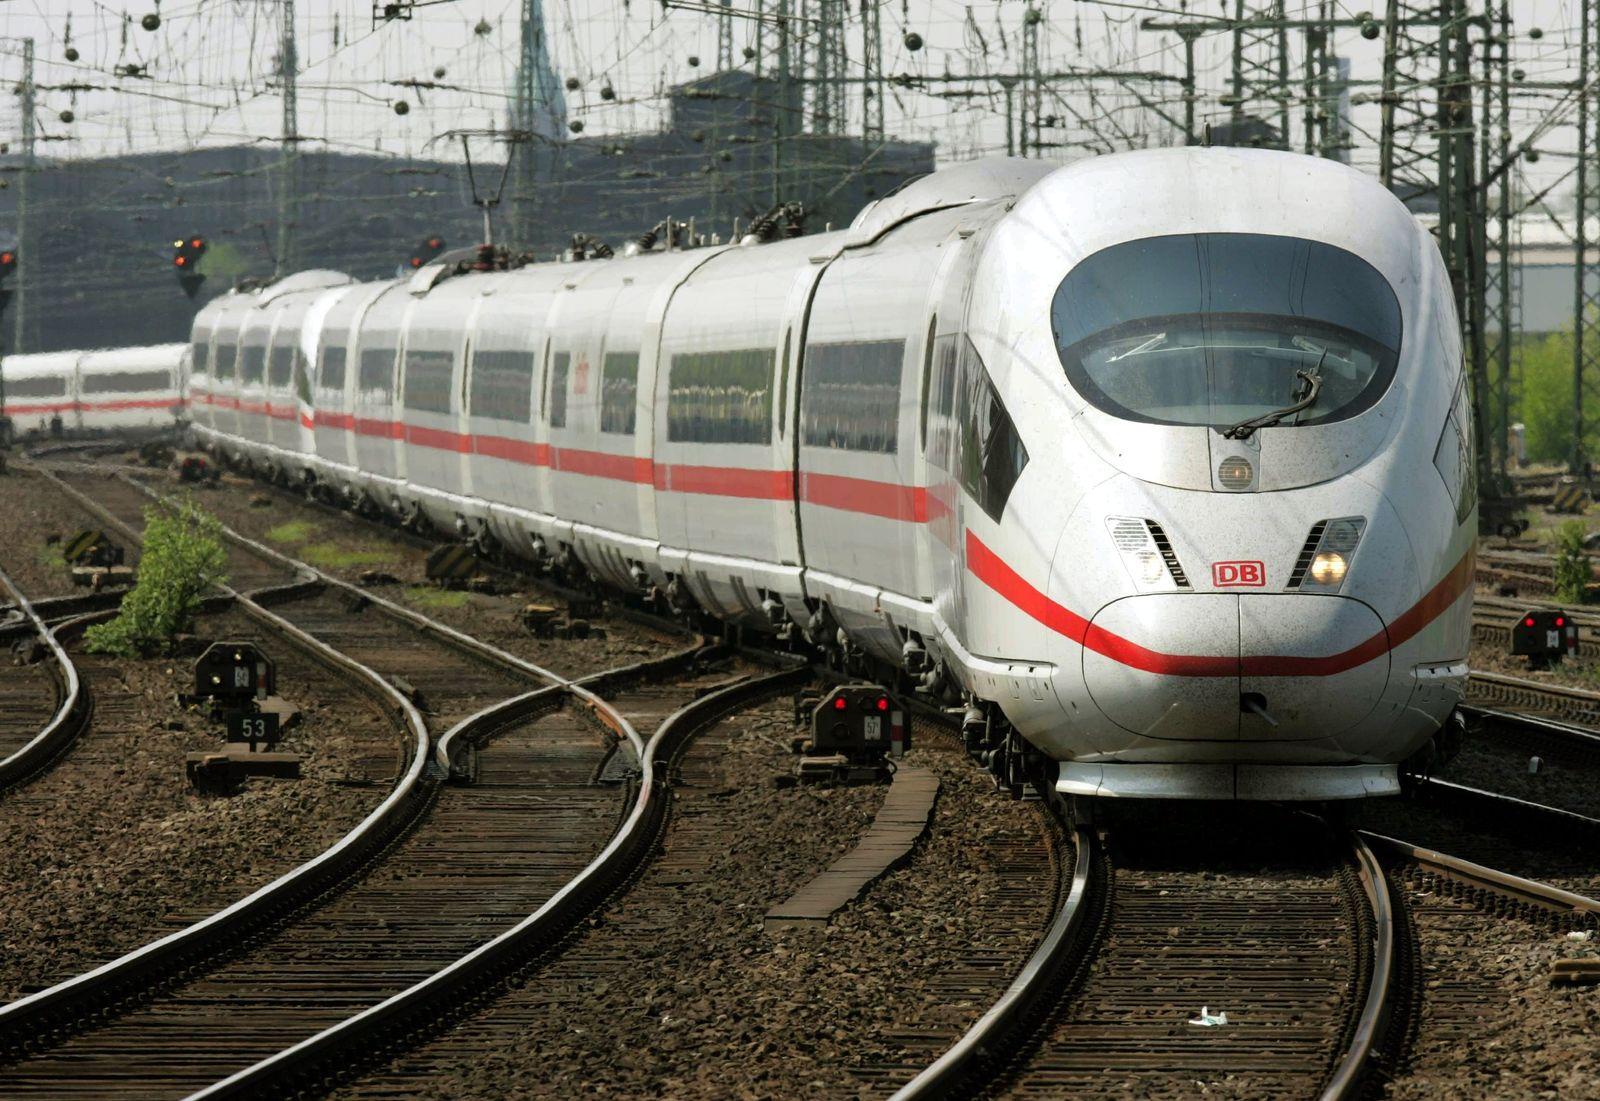 ICE / Zug / Deutsche Bahn